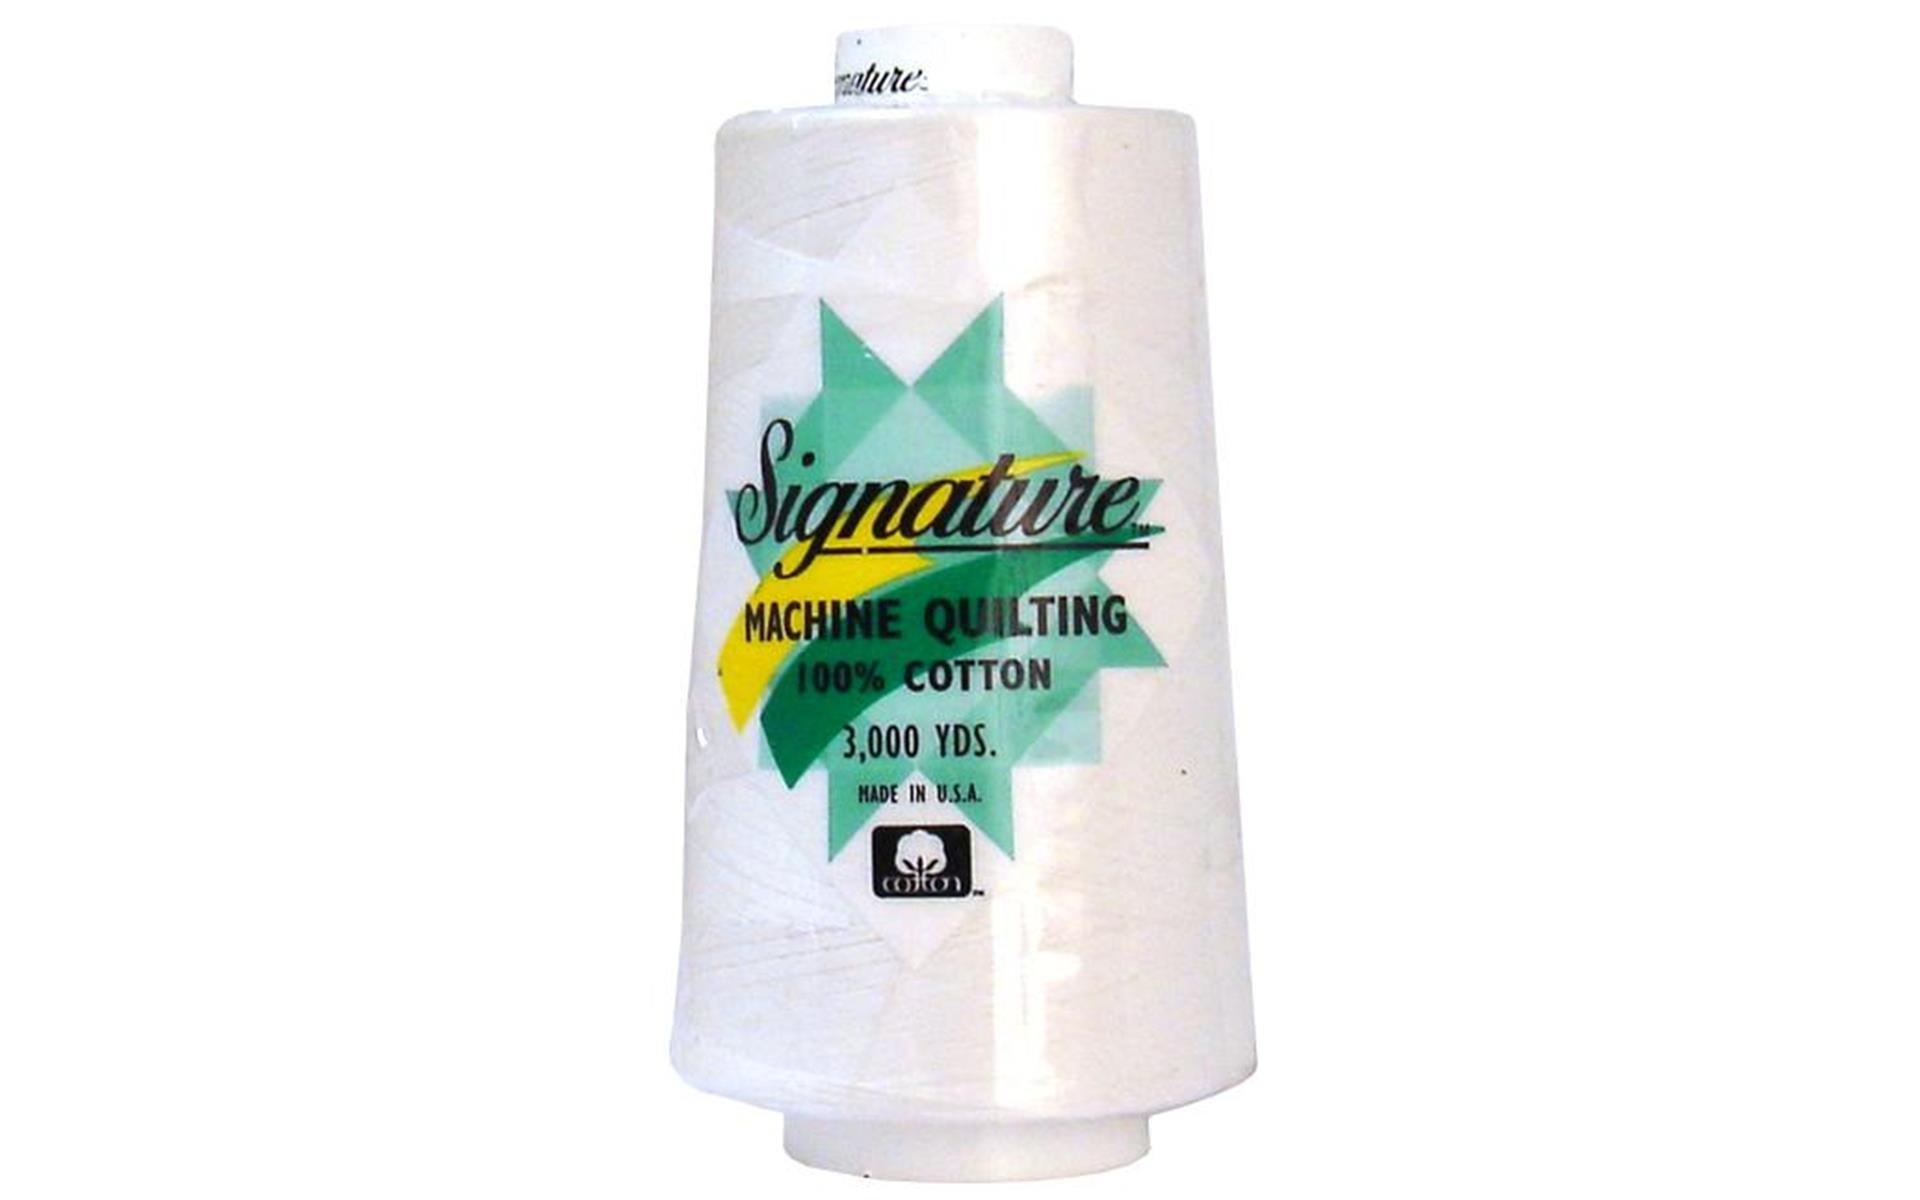 Signature Cotton Quilting Thread 3000yds